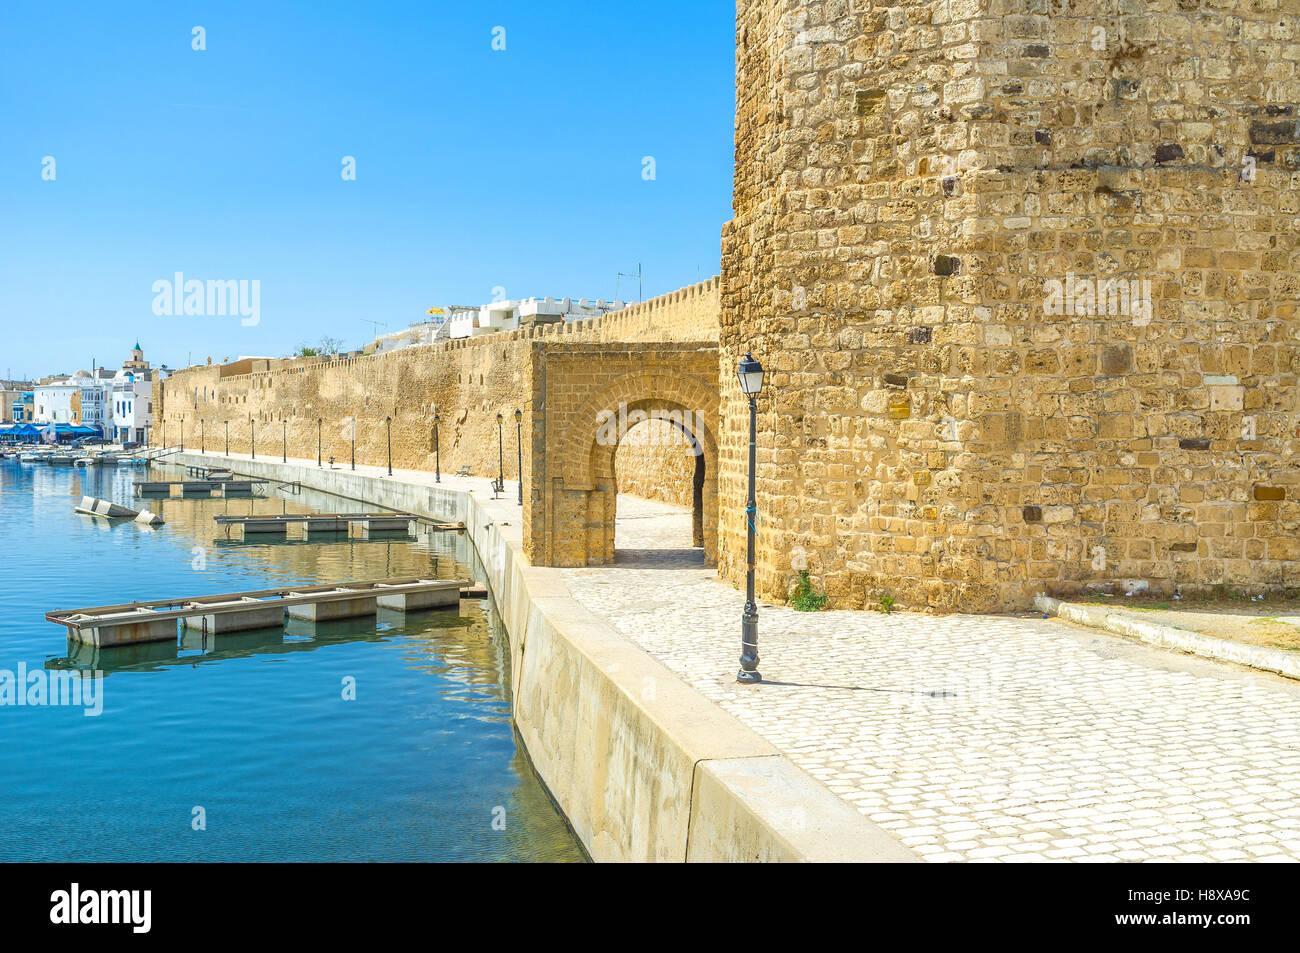 Il cantiere navale di pesca vicini con la cittadella medioevale di Kasbah, Bizerte, Tunisia. Immagini Stock